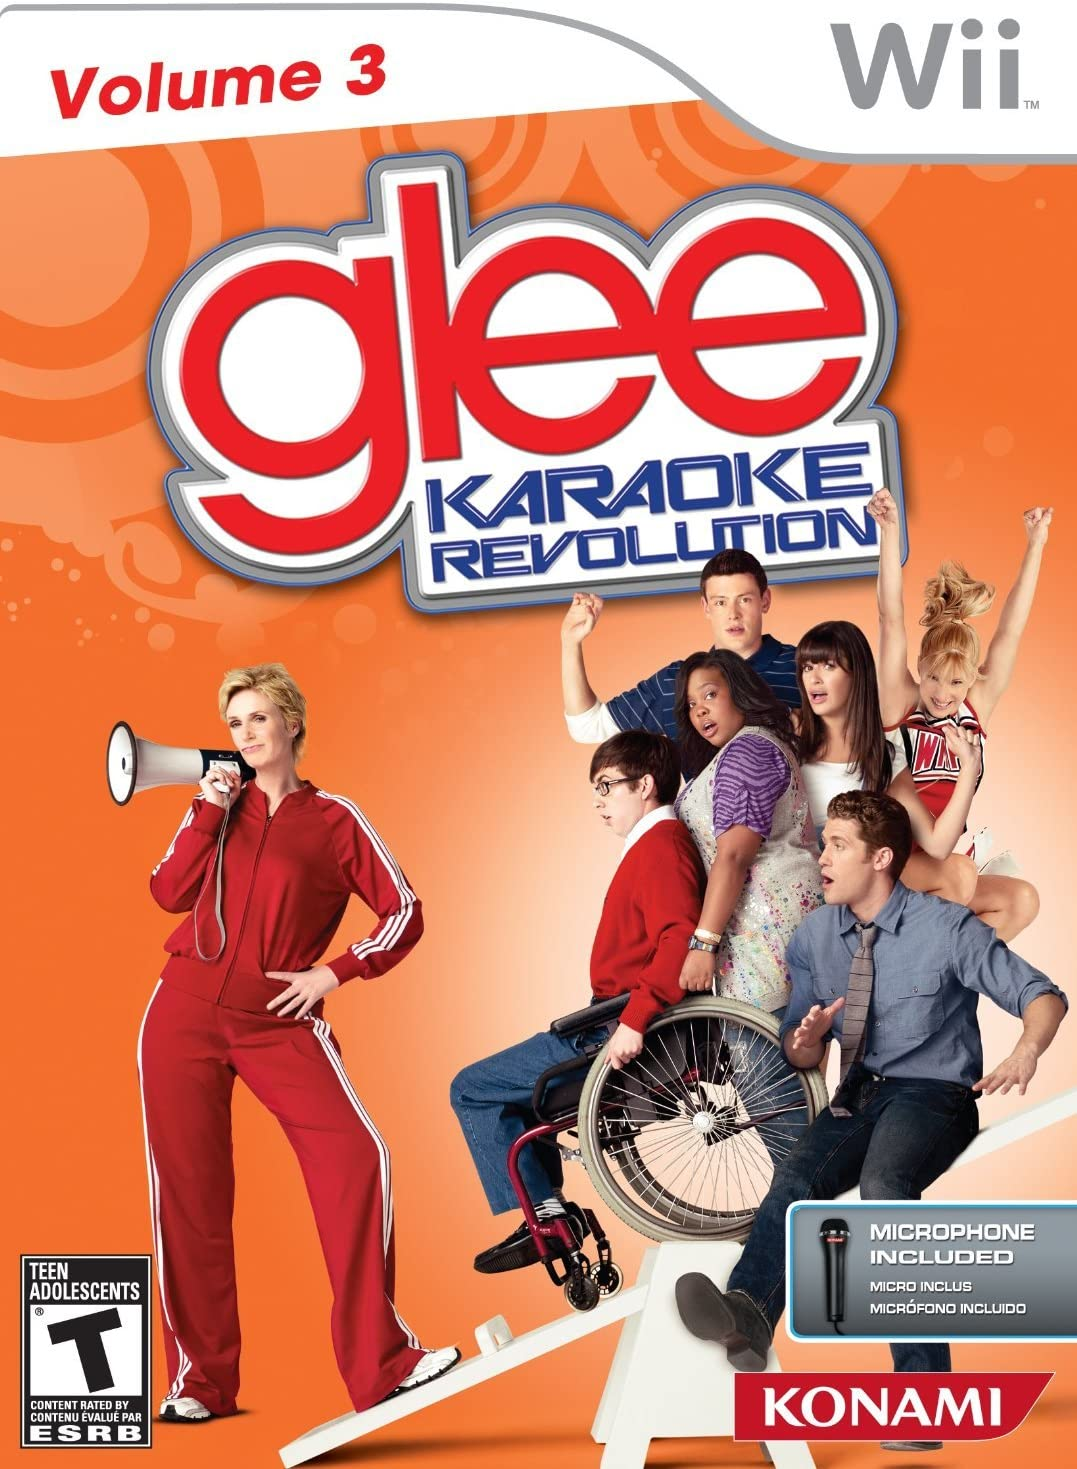 Konami Karaoke Revolution Glee - Juego: Amazon.es: Videojuegos